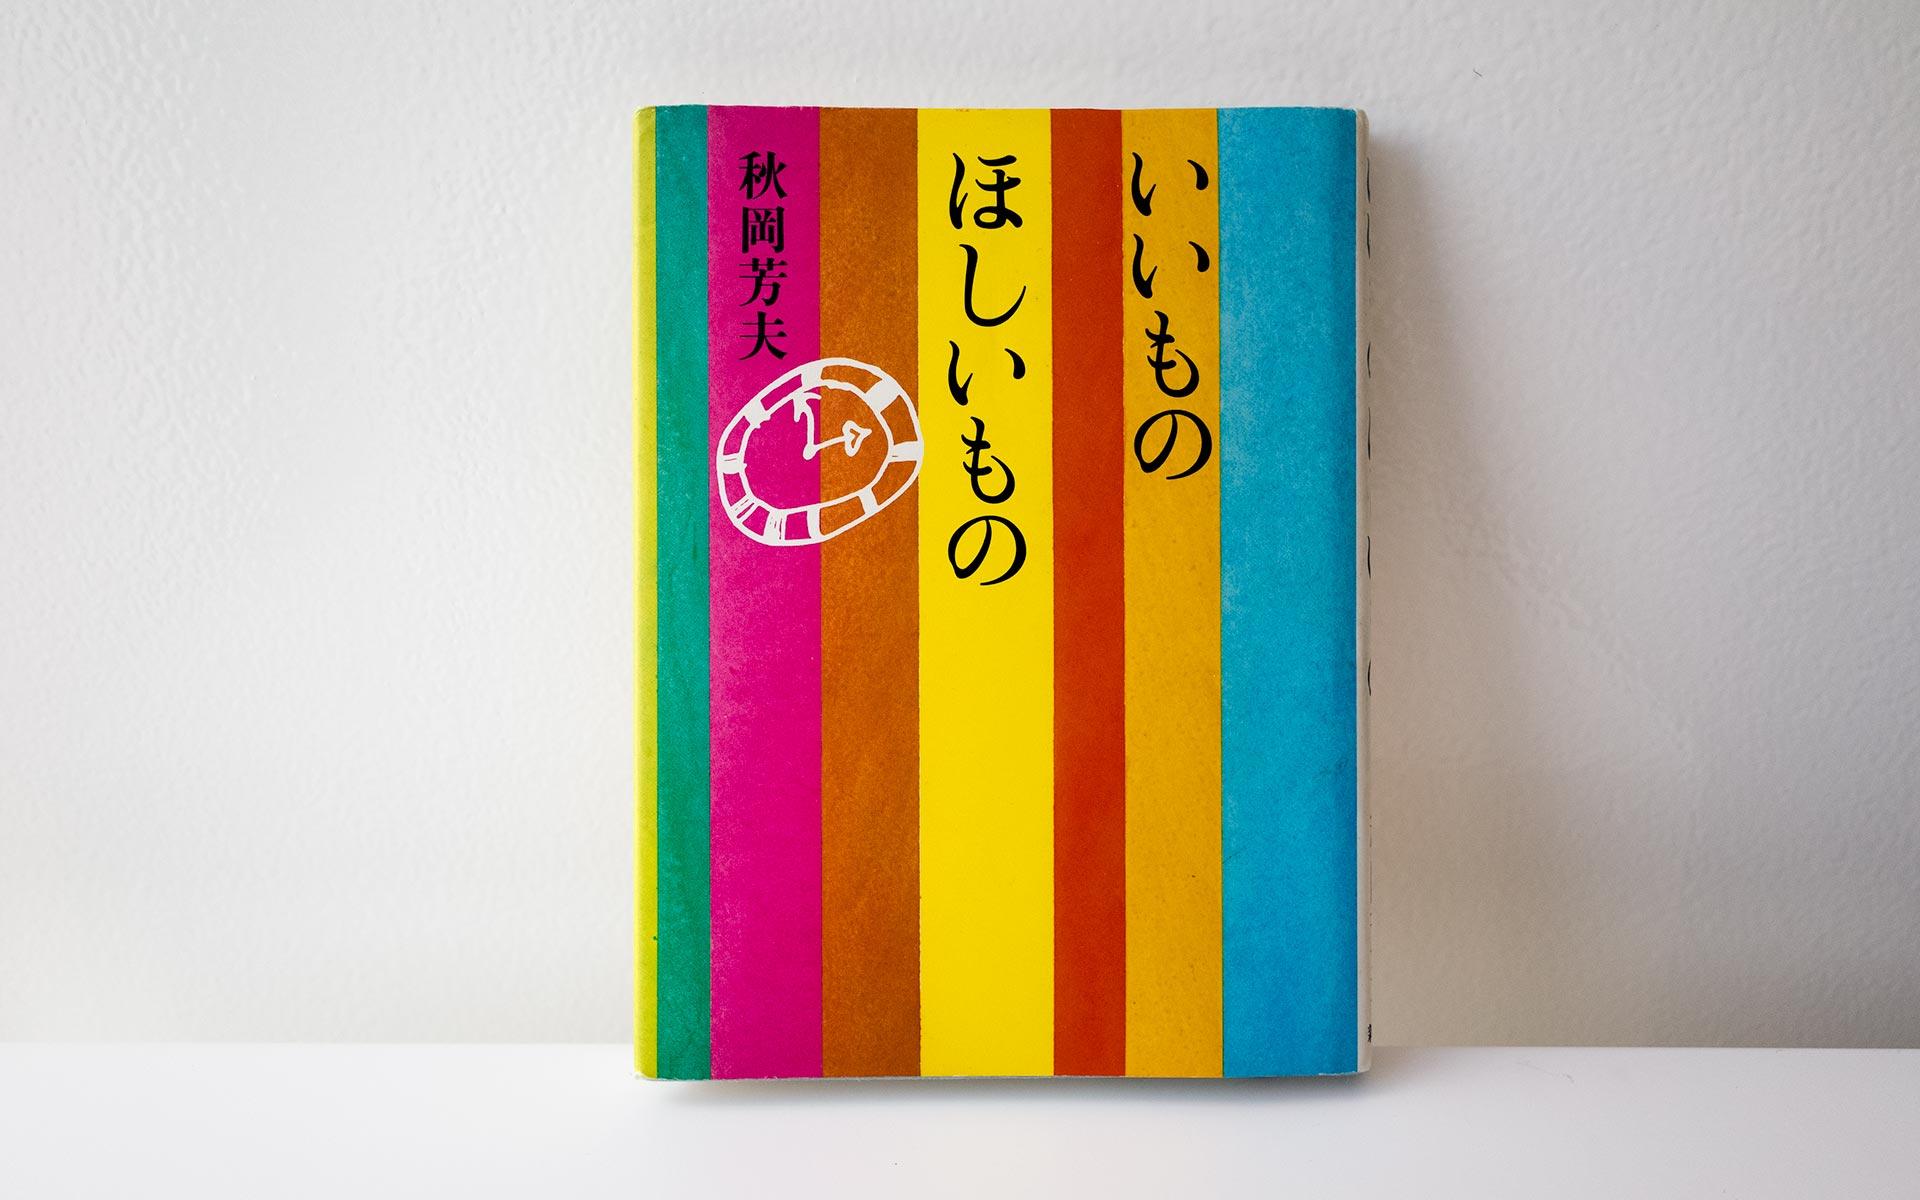 工業デザイナー、秋岡芳夫が愛した工芸品とは。『いいもの ほしいもの』に見る暮らしのためのデザイン